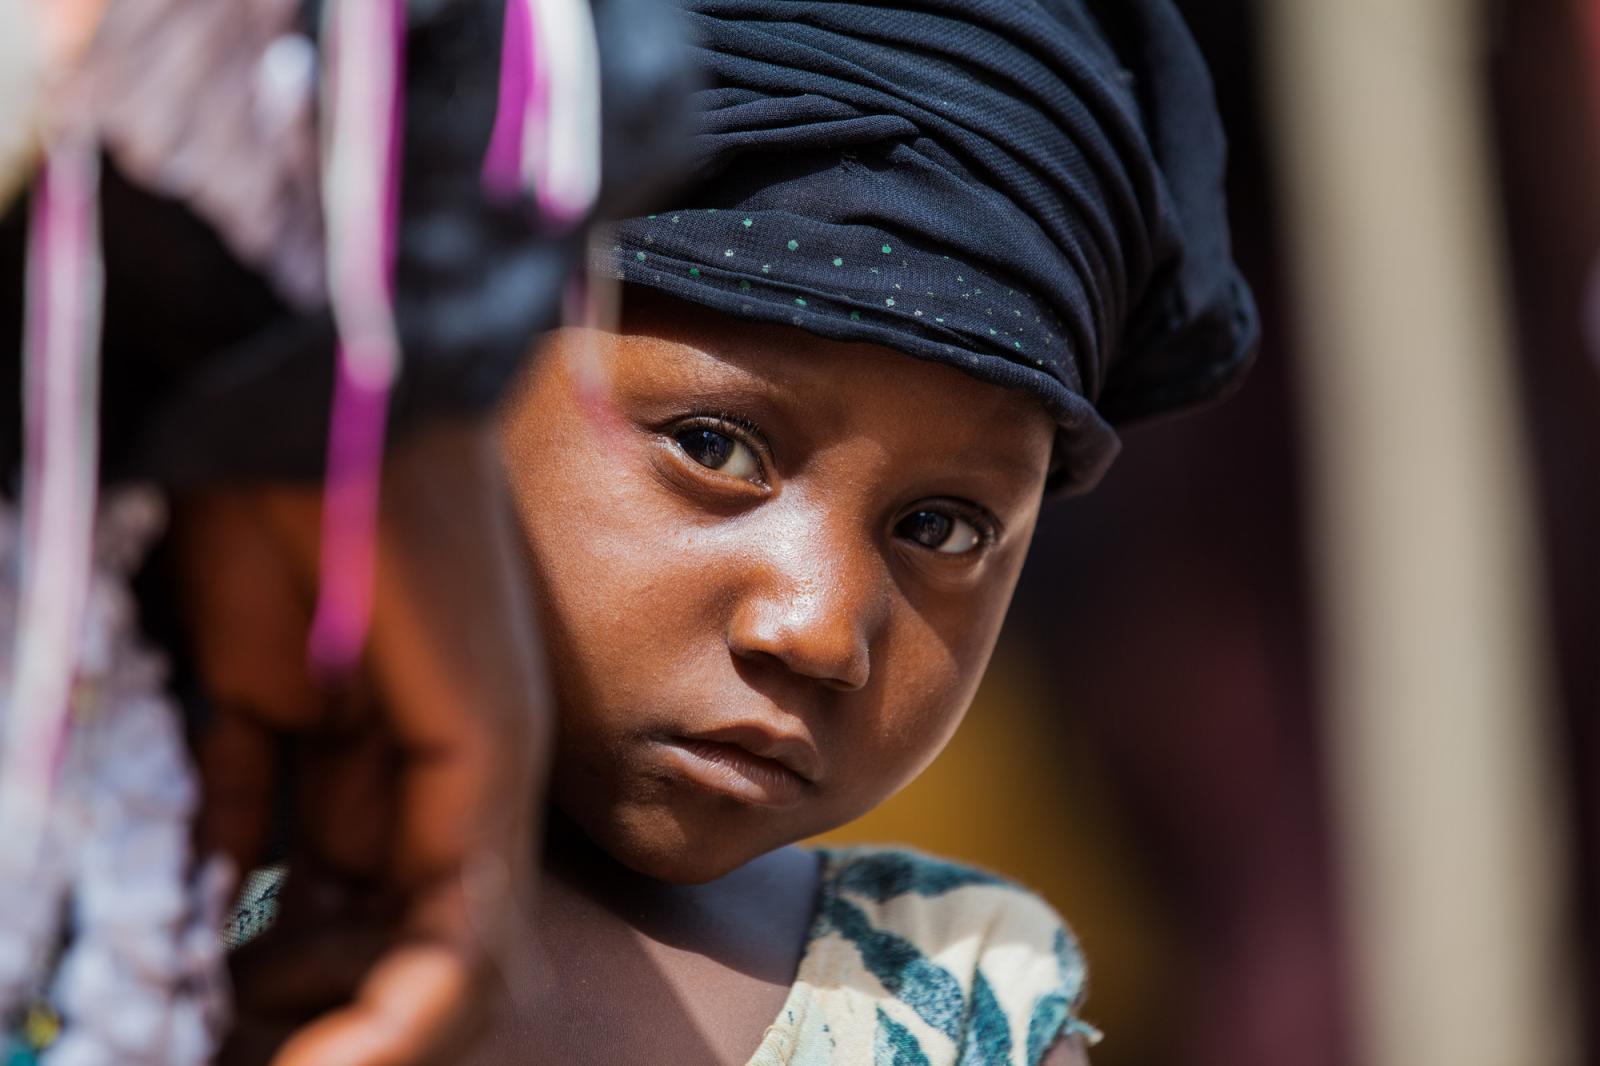 MGF et Mariages d'Enfants: 17 pays à Dakar en mi-juin pour un Sommet africain sur ces fléaux